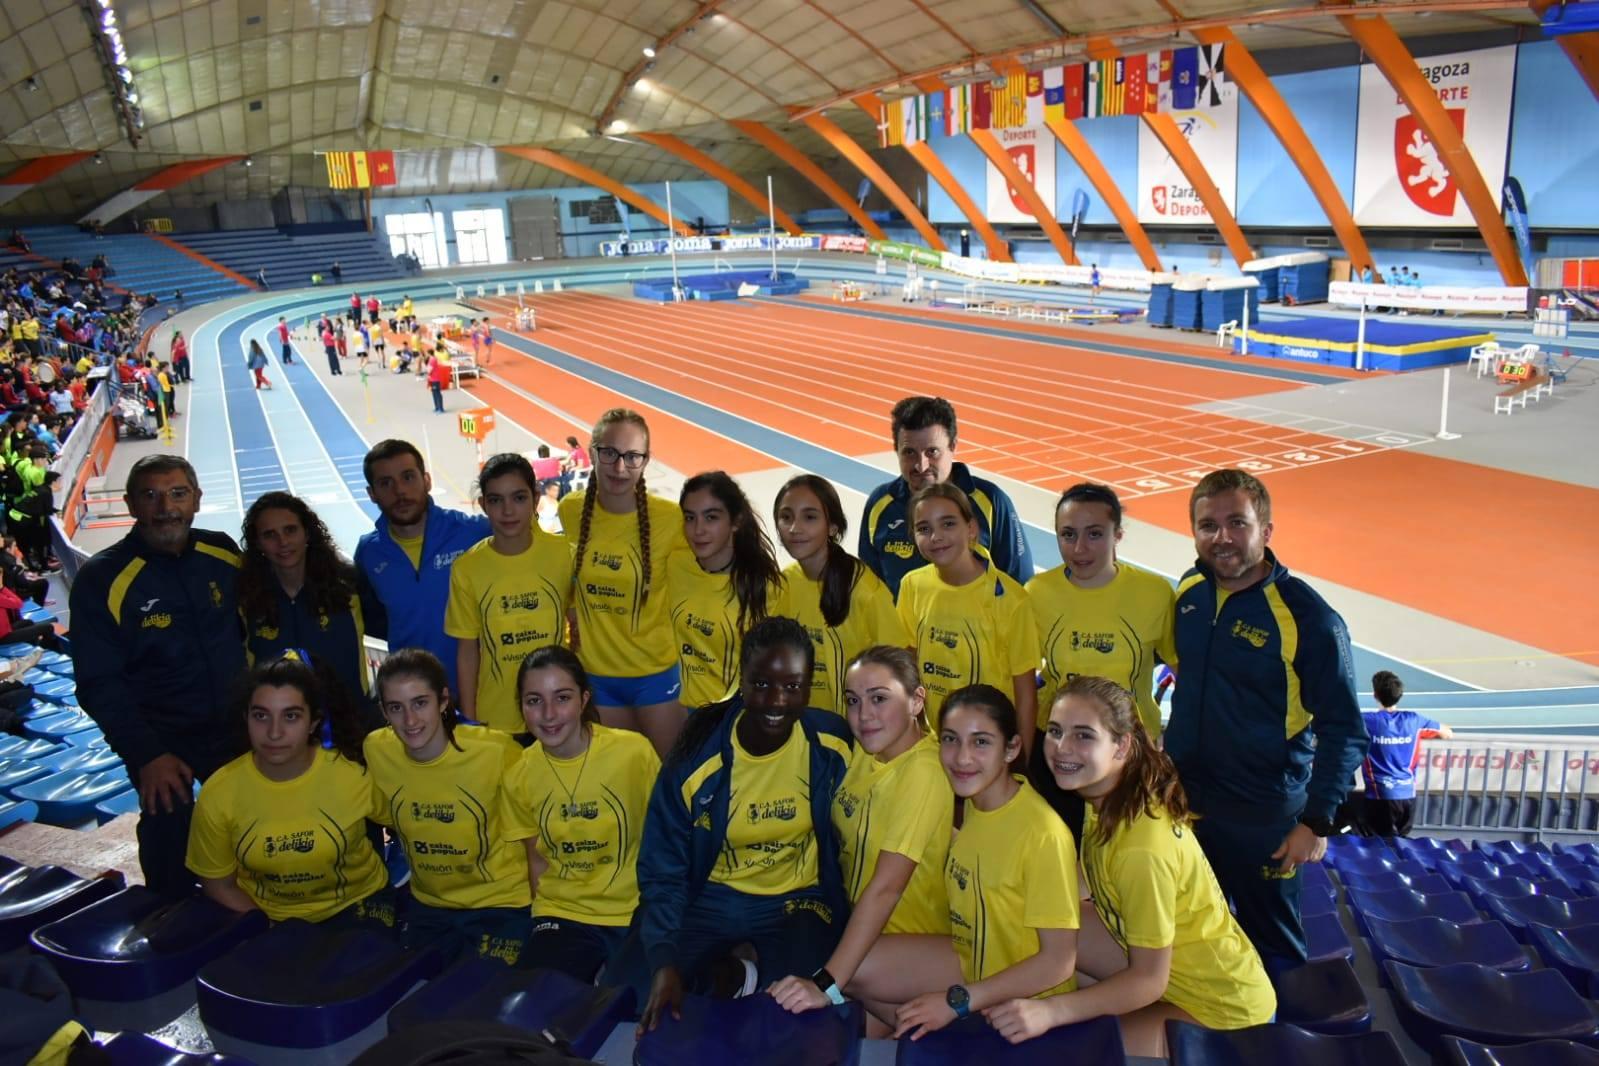 Les xiques cadets del CA Safor Teika competeixen en el Campionat d'Espanya per Clubs